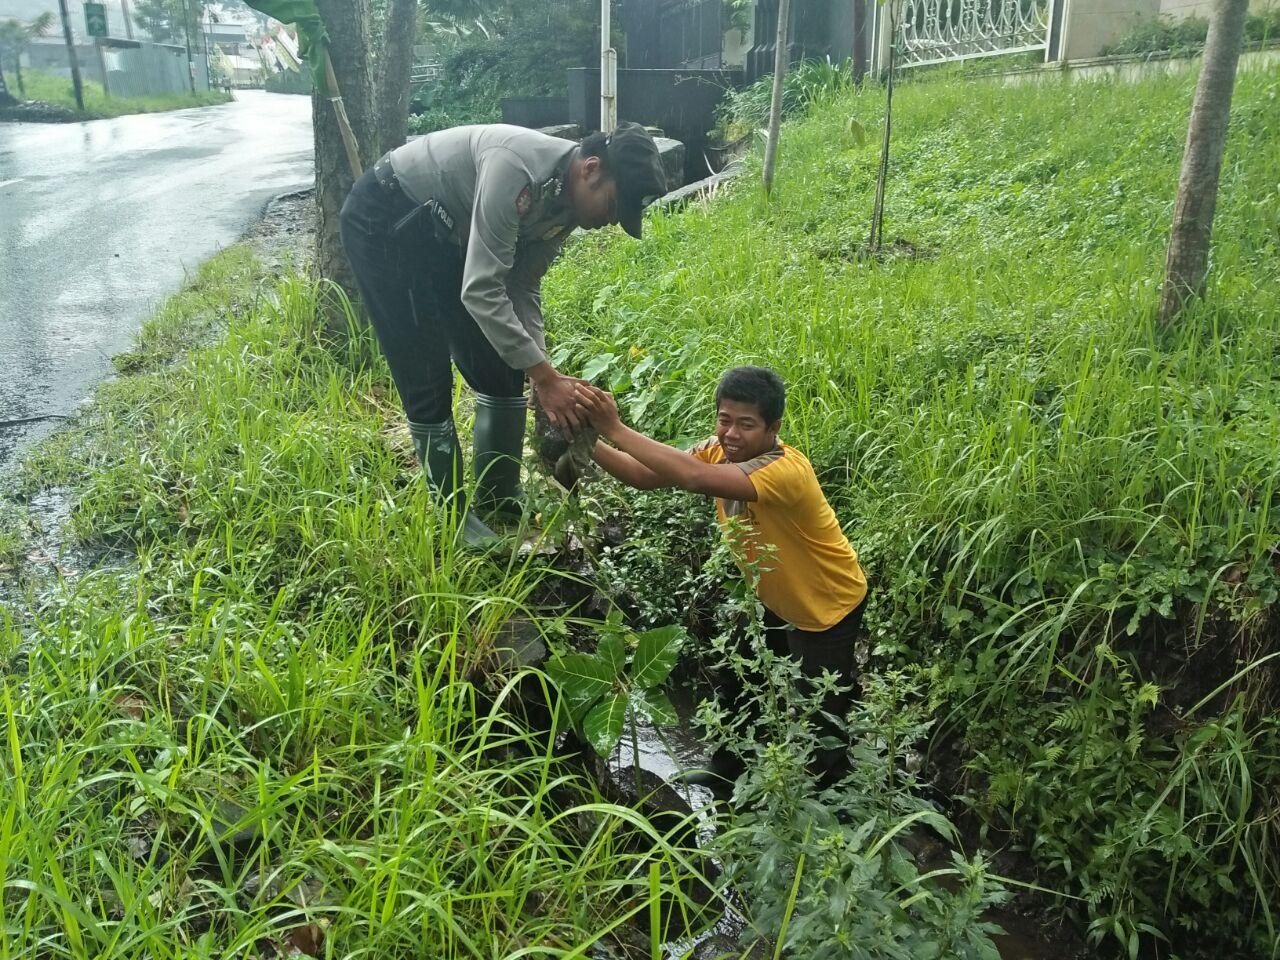 Kanit Sabhara Polsek Junrejo Polres Batu, Adakan Patroli dan Antisipasi Pohon Tumbang Dan Banjir Di Wilayah Binaanya